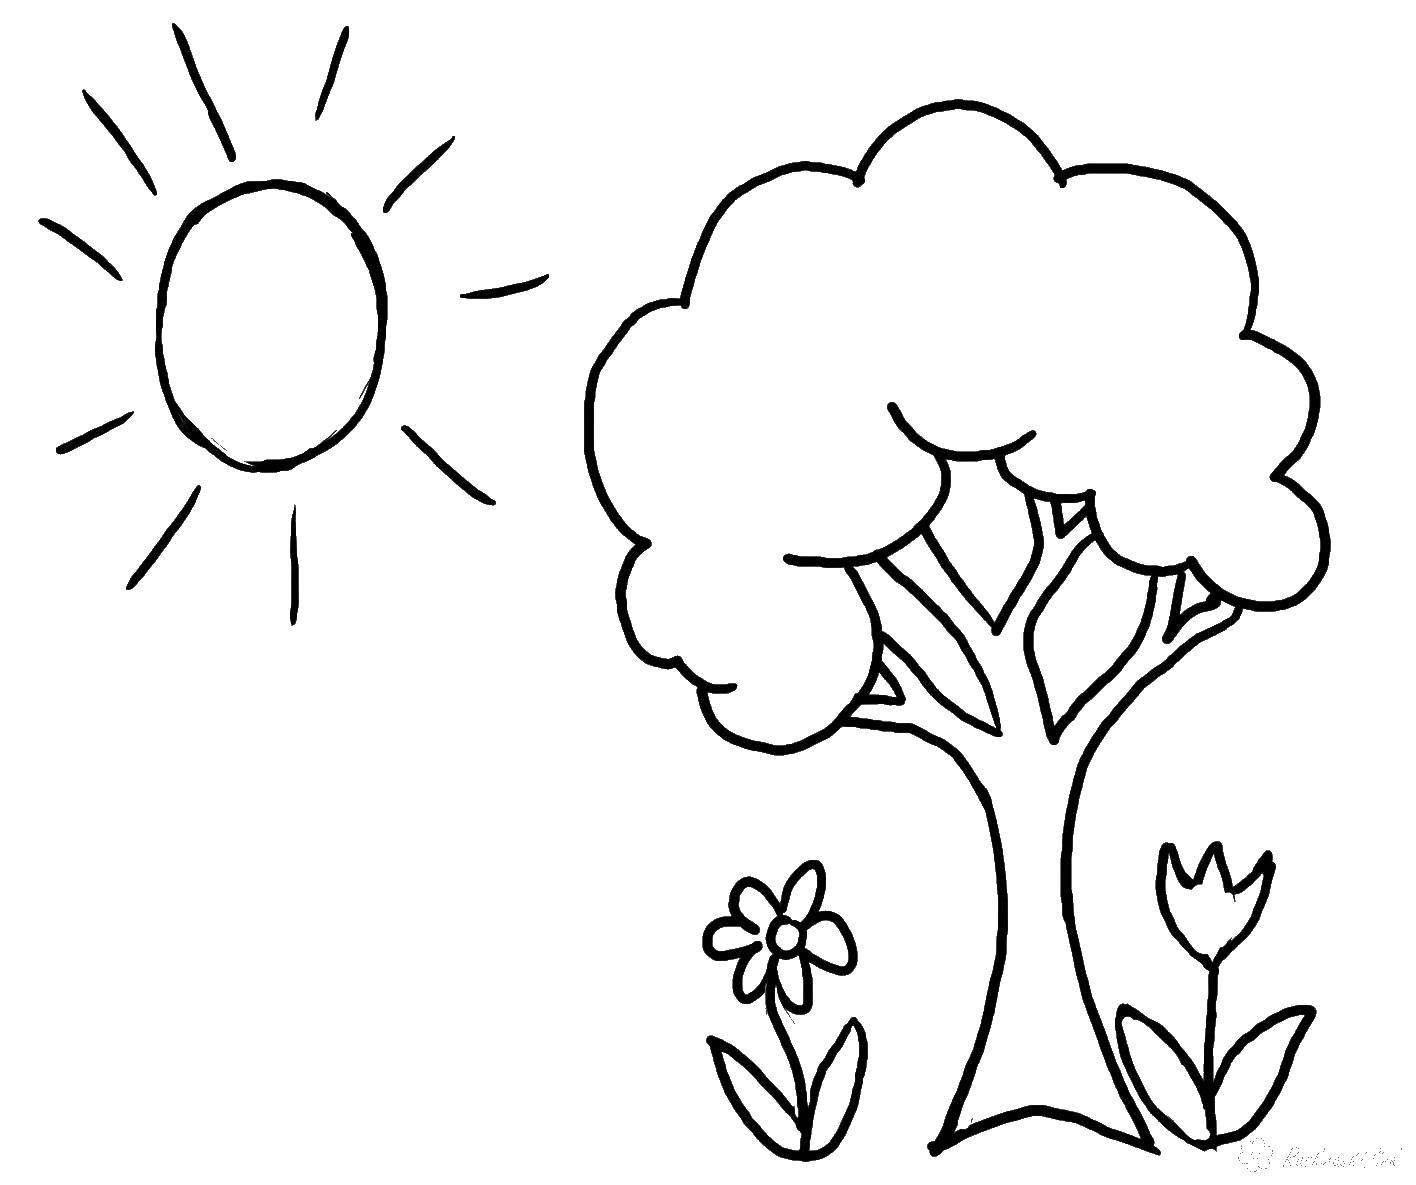 вроде рисунок с солнцем и деревьями как